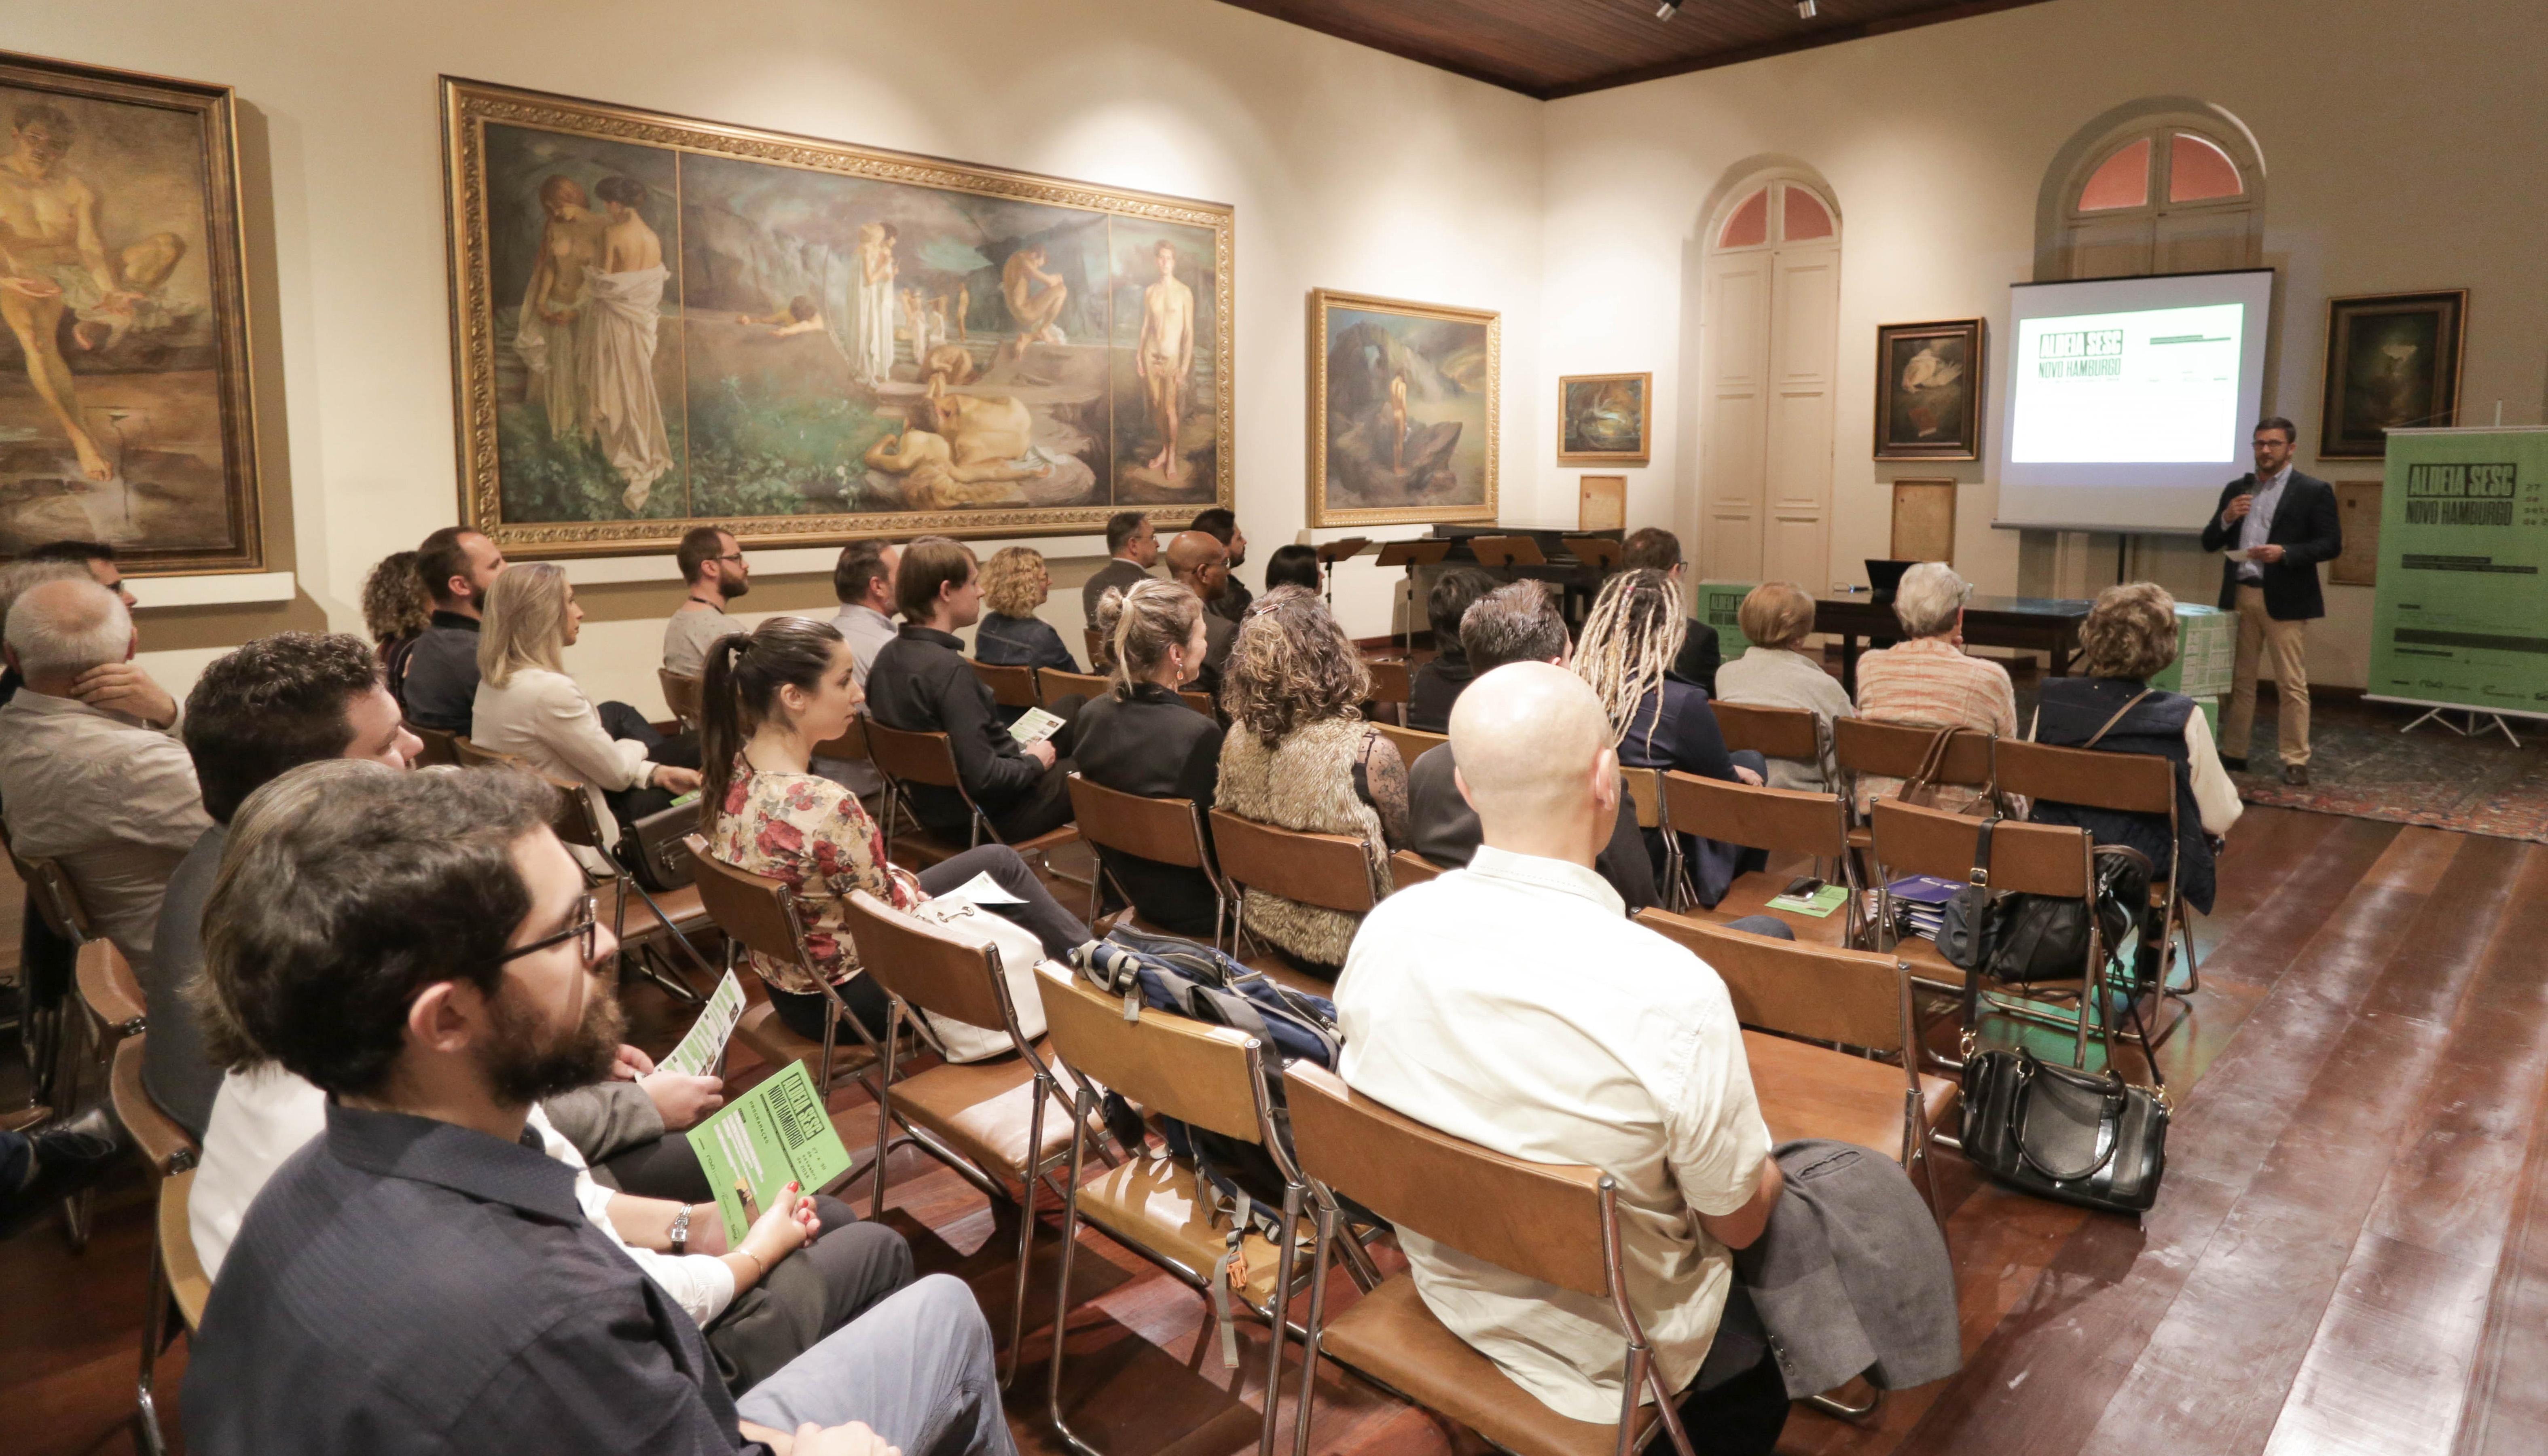 Música, teatro e exposições acontecem na 1ª edição do Aldeia Sesc Novo Hamburgo